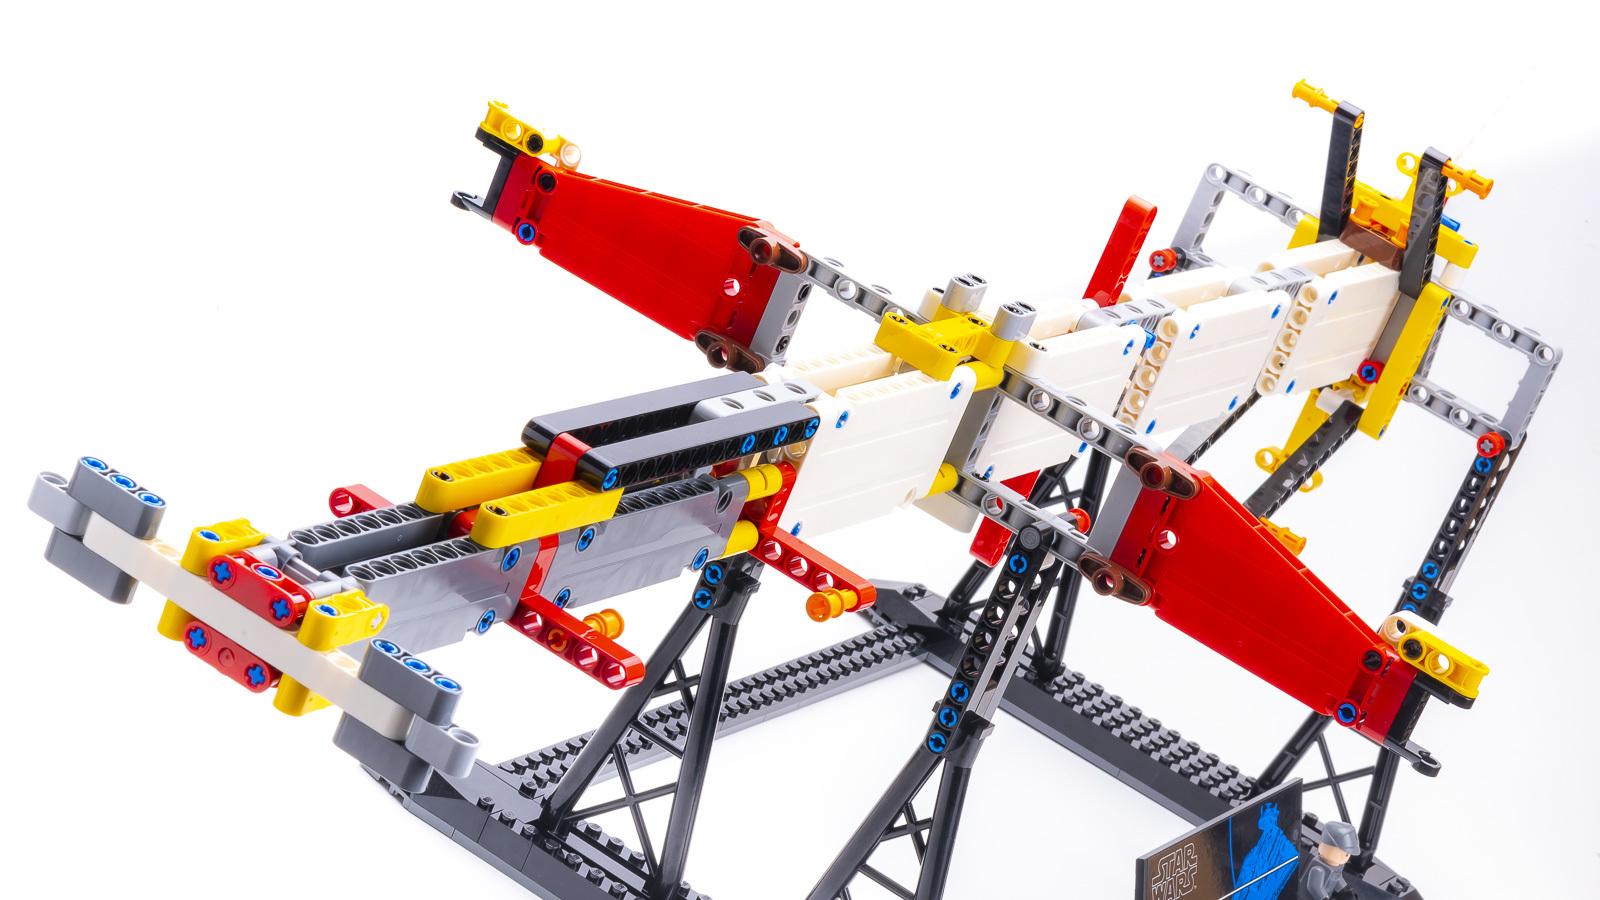 全長1mオーバー、LEGOで組む巨大なスター・デストロイヤーに本物の「優しさ」を感じた話_b0029315_17575107.jpg